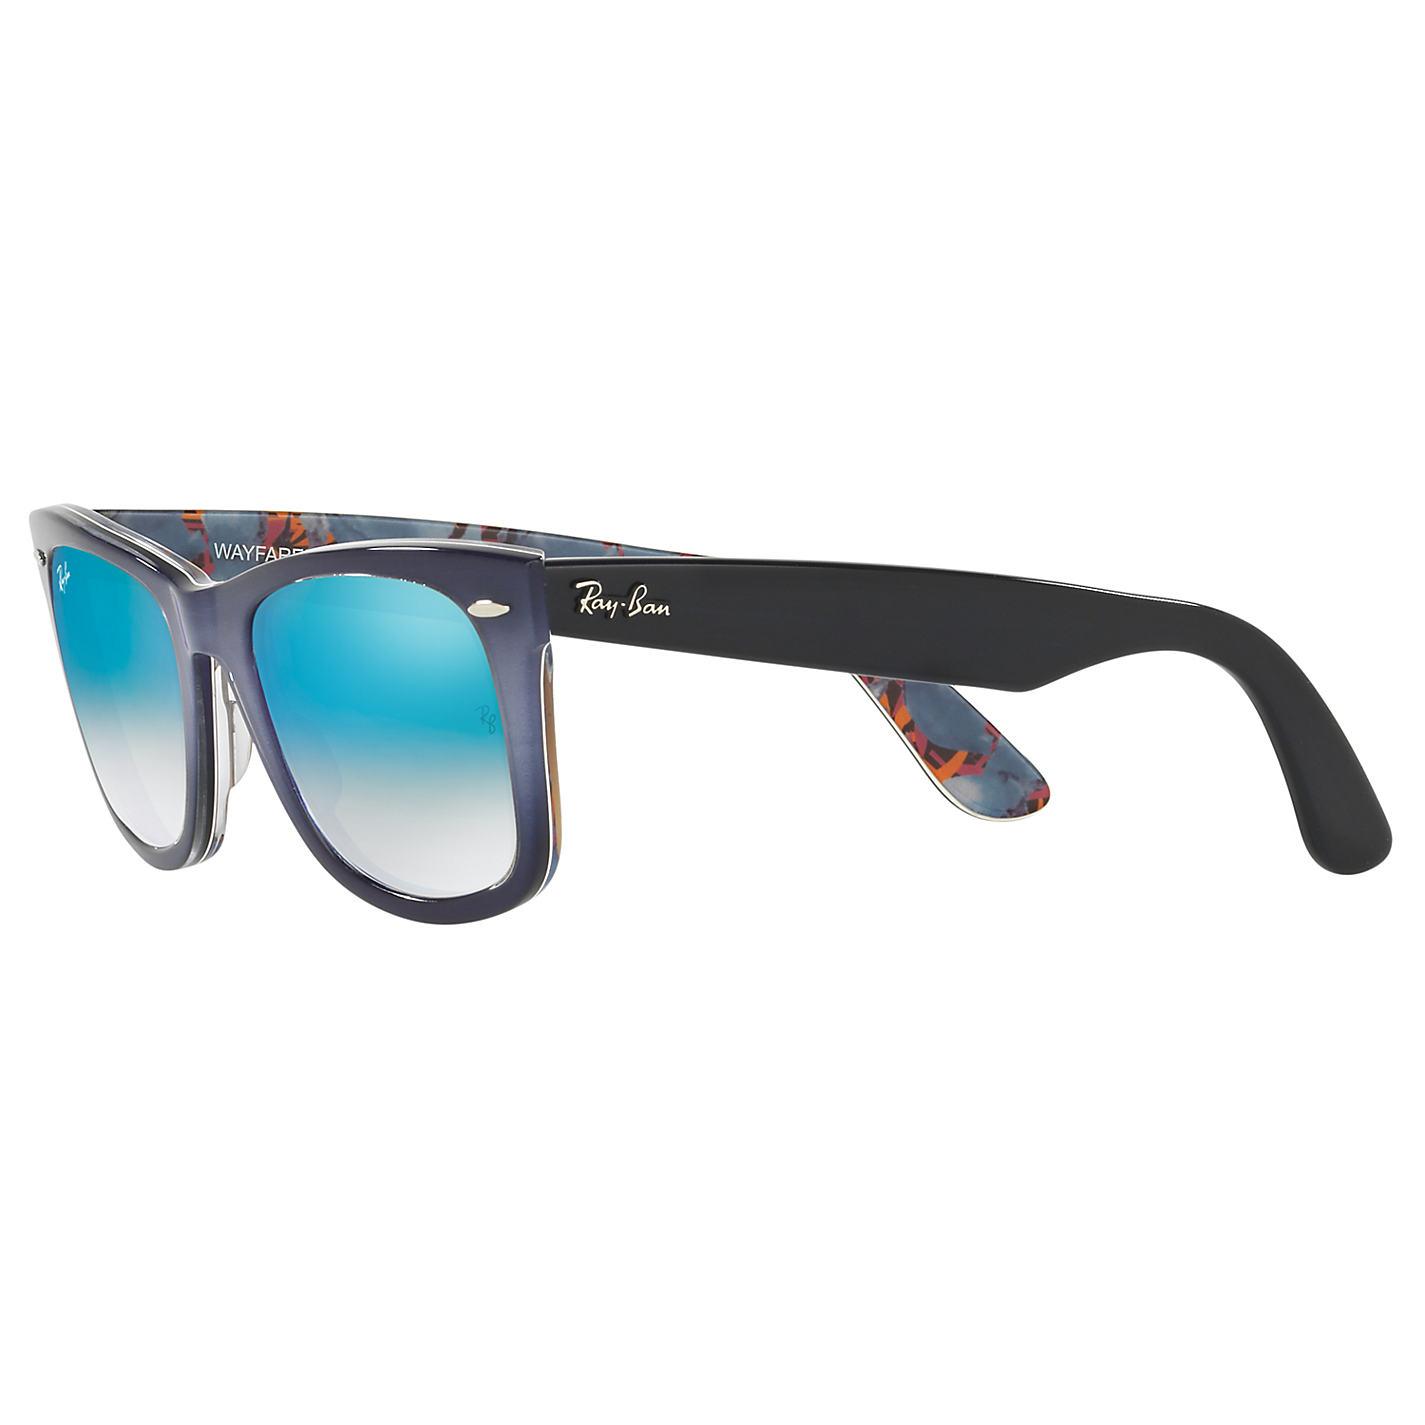 ray ban wayfarer turquoise  buy ray ban rb2140 original wayfarer sunglasses online at johnlewis